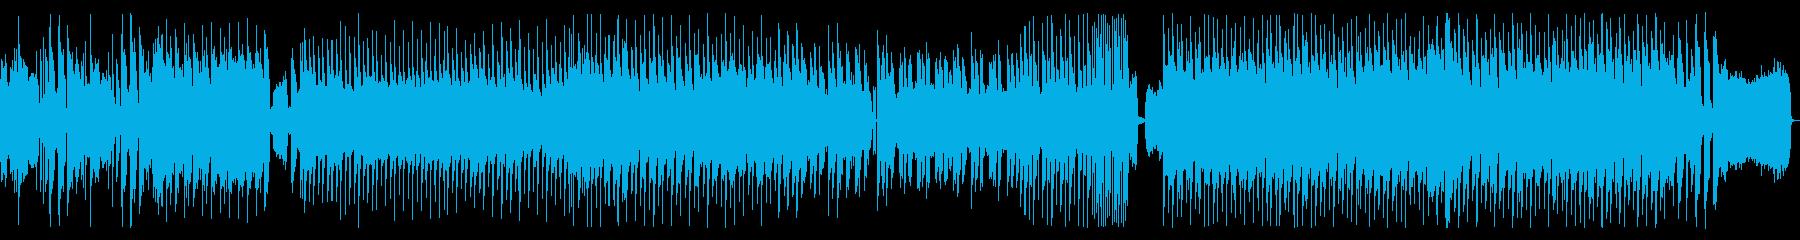 近未来的で躍動感あるクールなテクノポップの再生済みの波形